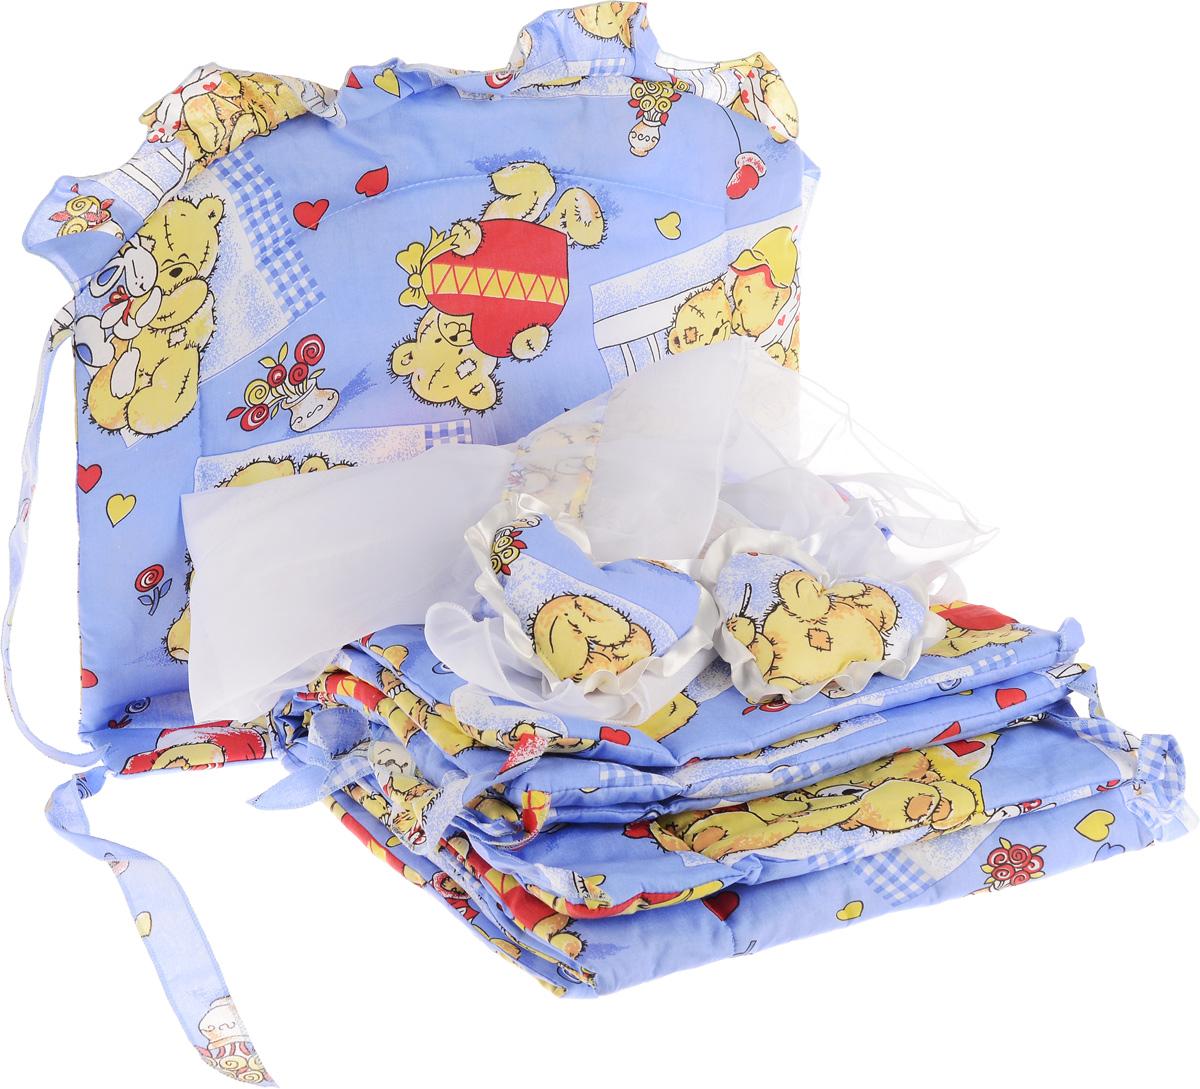 """Комплект для детской кроватки Фея """"Мишка с сердцем"""" состоит из бортика и балдахина. Бортик в кроватку состоит из четырех частей и закрывает весь периметр кроватки. Бортик крепится к кроватке с помощью специальных завязок, благодаря чему его можно поместить в любую детскую кроватку. Деликатные швы рассчитаны на прикосновение к нежной коже ребенка. Бампер оформлен изображениями милых мишек. Наполнителем служит 100% полиэстер. Балдахин, выполненный из полиэстера, может использоваться как для люльки, так и для кроватки.  Размер балдахина: 250 см х 150 см. Общая длина бортика: 360 см."""